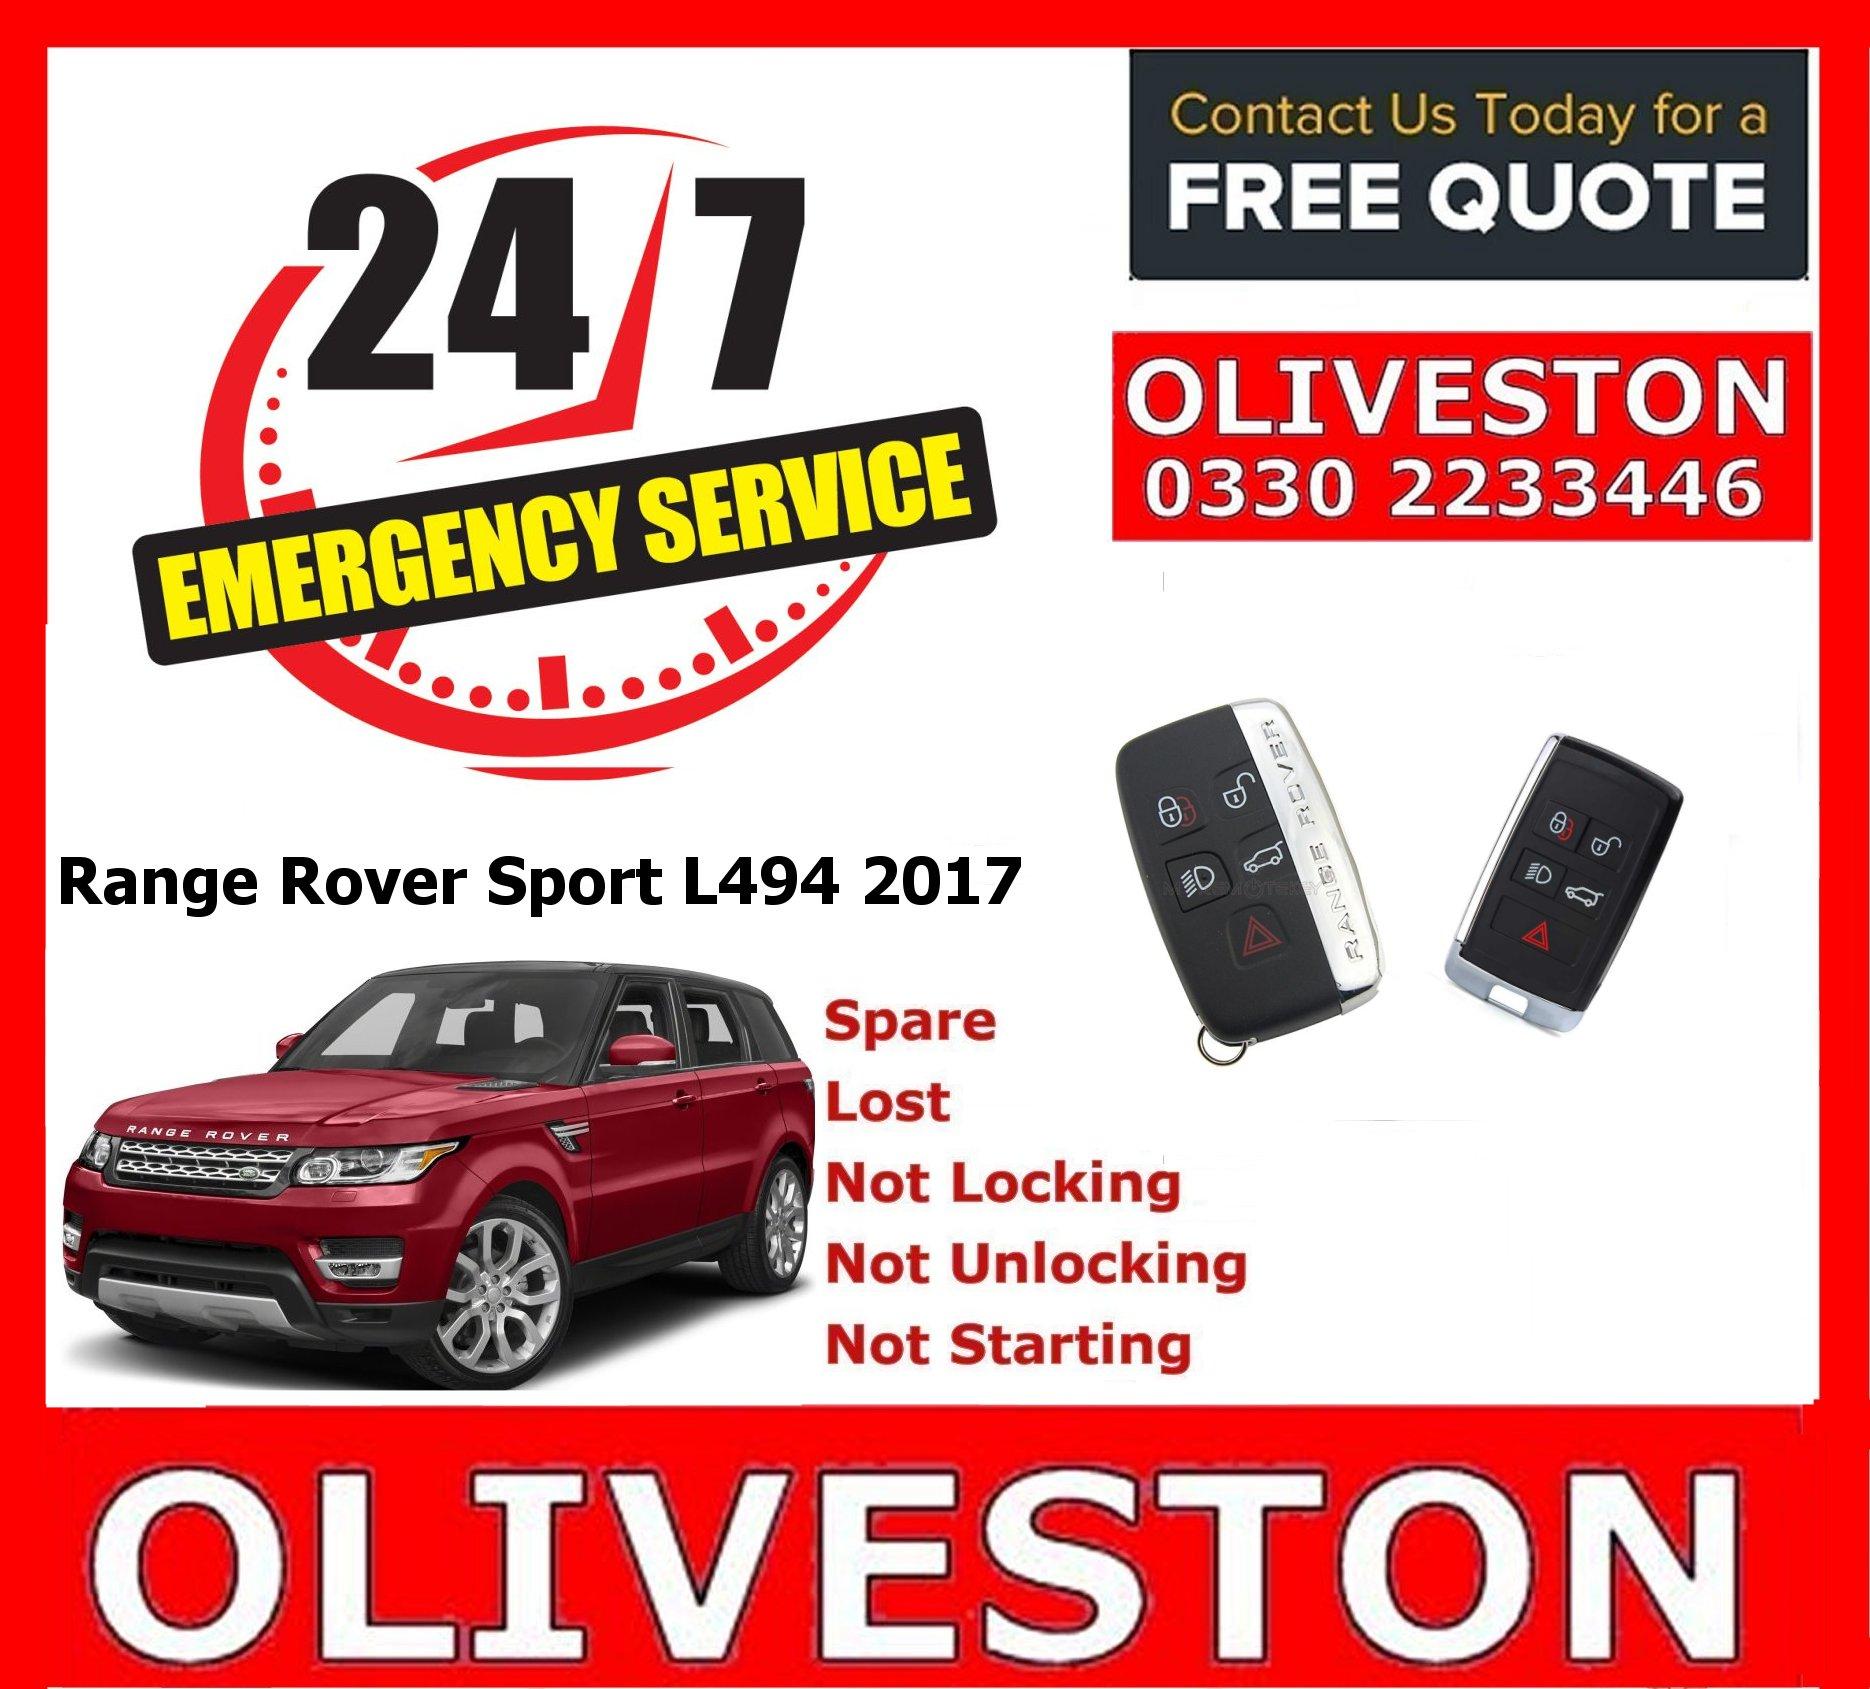 Range Rover Land Rover Jaguar Spare lost keys Wrexham Colwyn_Bay Rhyl BuckleyShotton Prestatyn Connah's_Quay Llandudno Flint